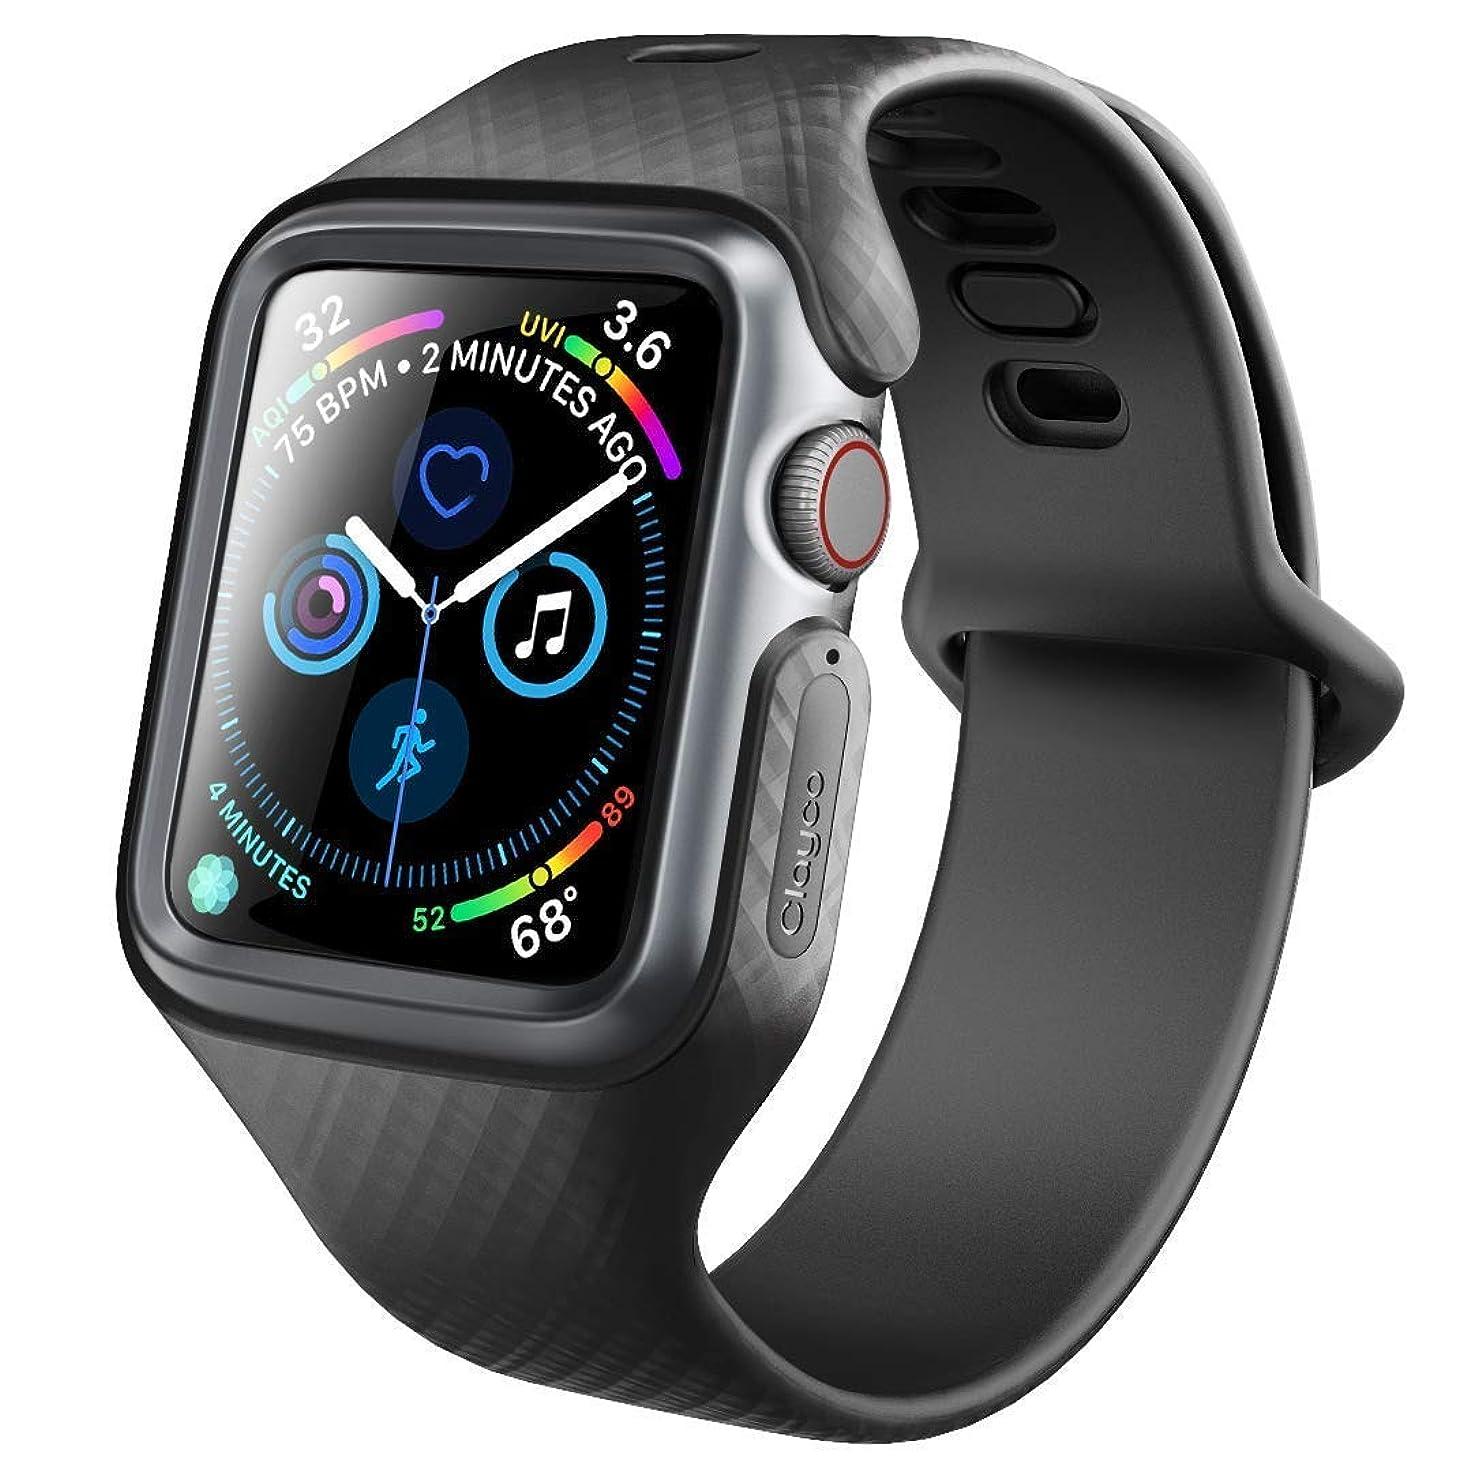 伝統的おじさんパトワClayco Apple Watch バンド 44mm 2018 スリム ストラップ apple watch series 4 対応 交換用 ベルト